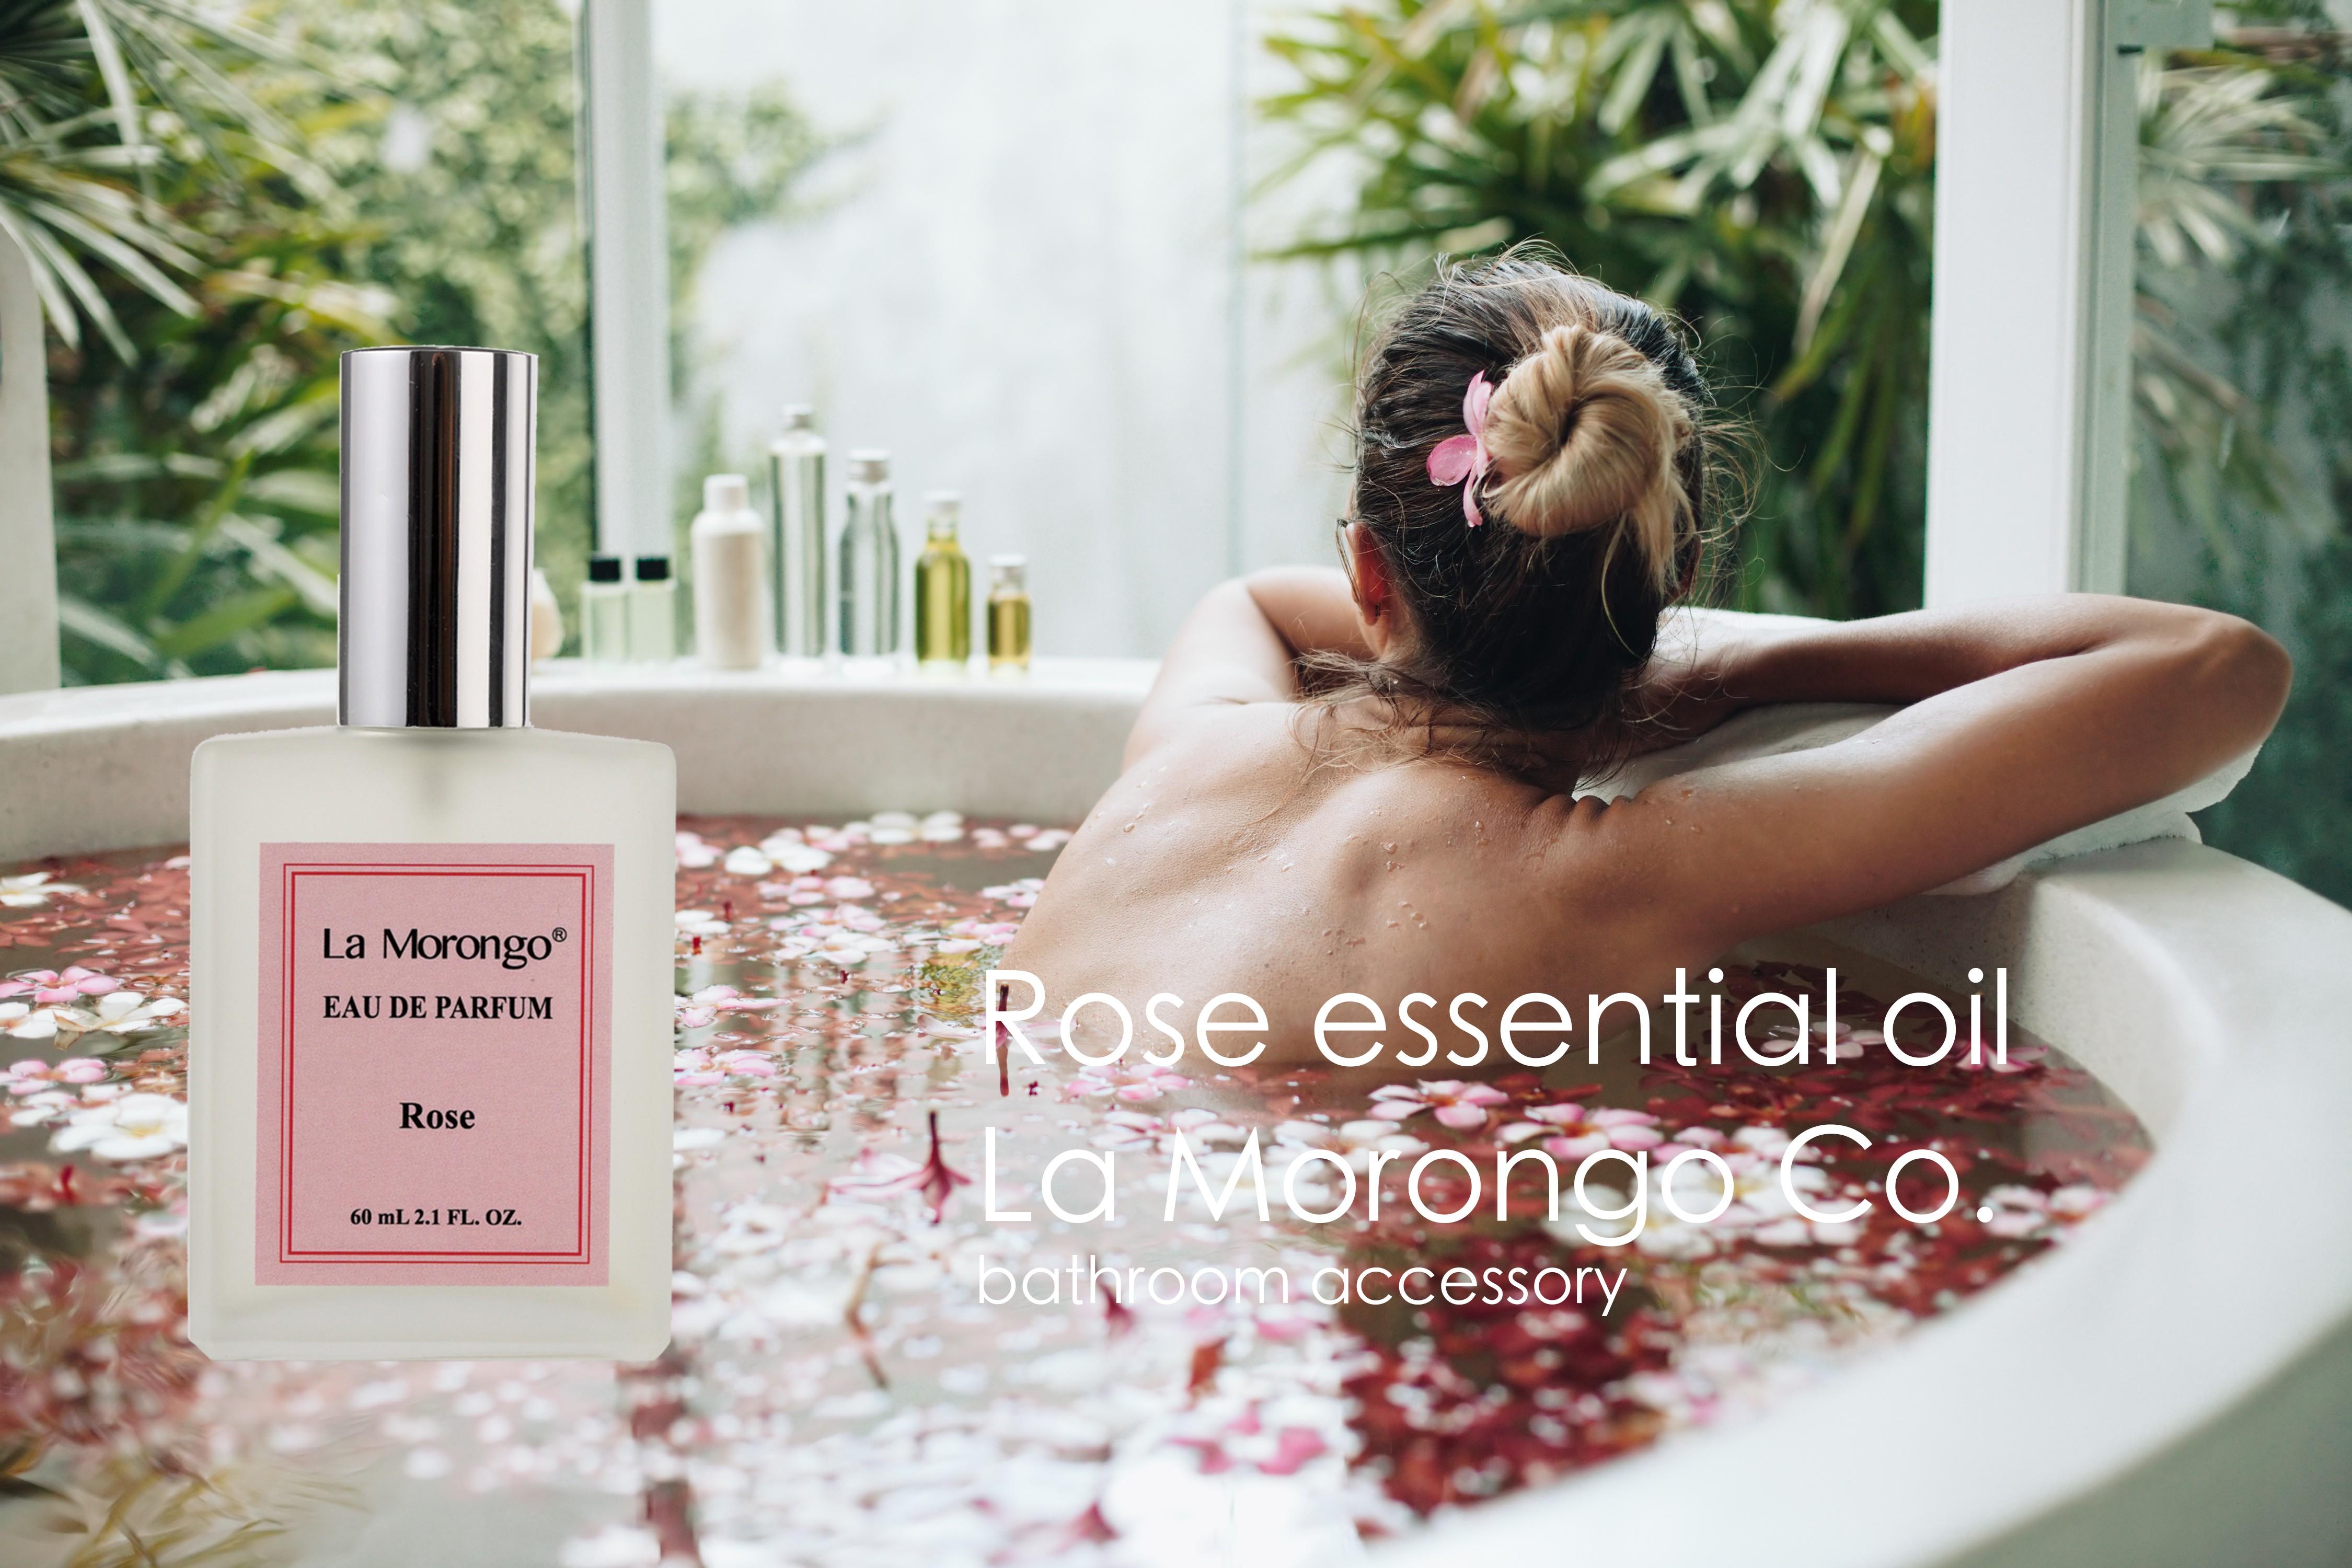 香水 批發 (法國樂木美品) Rose Perfume 玫瑰經典香水噴霧 沐浴精油噴霧 60mL/瓶 一箱